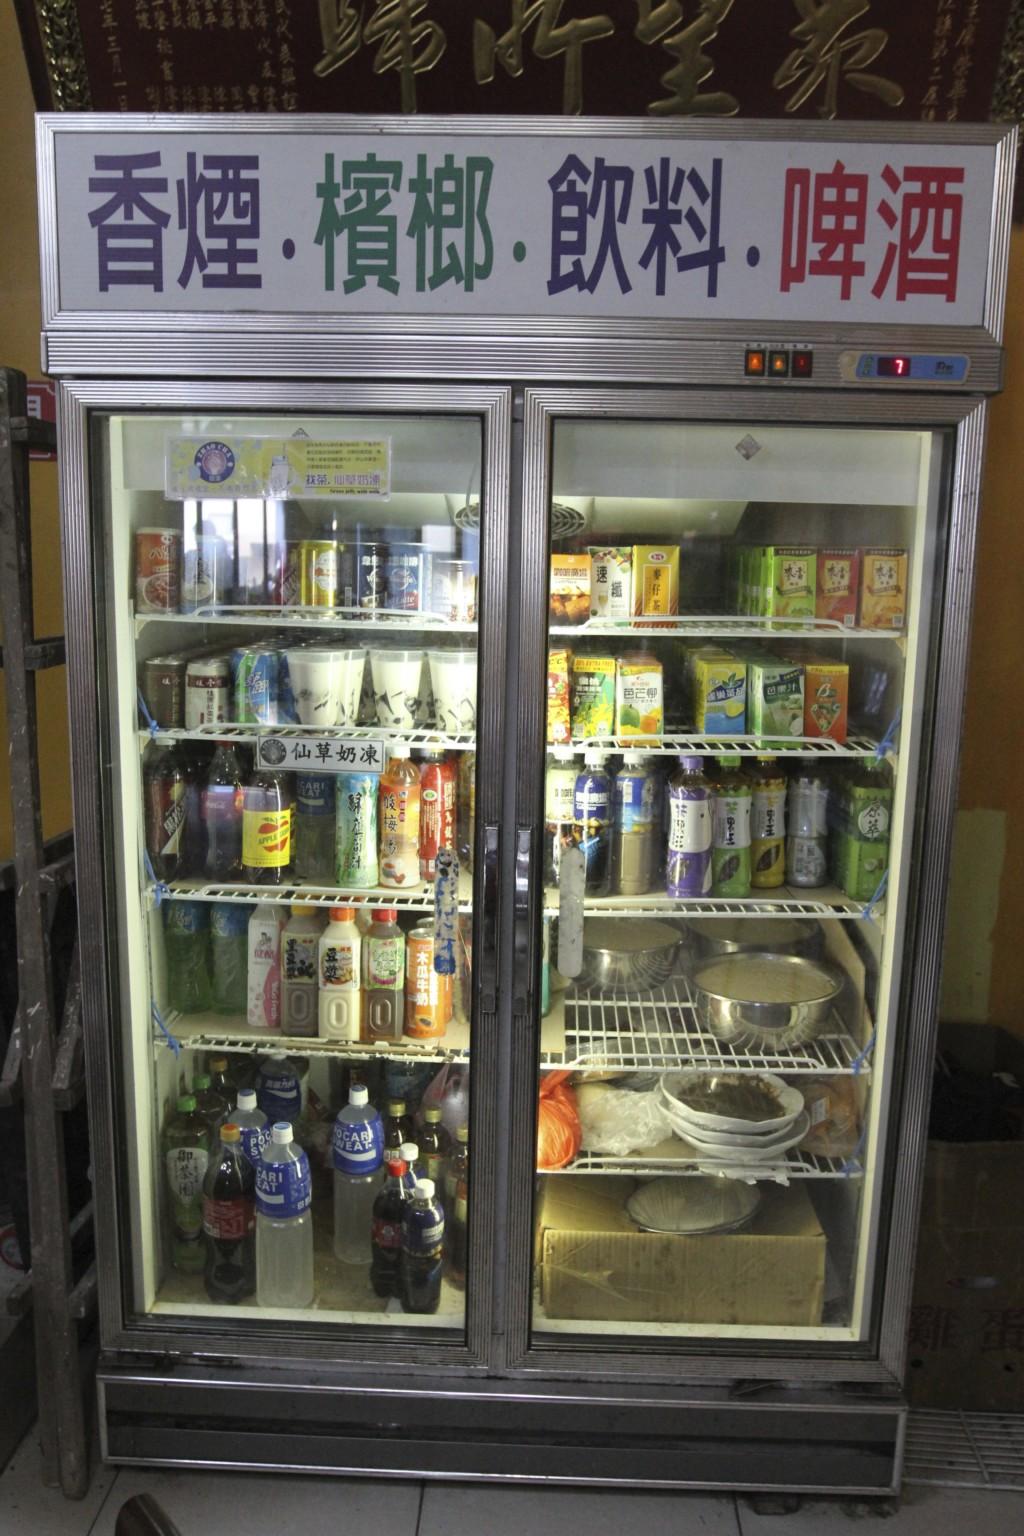 冷蔵庫の上部に「啤酒(ビール)」の表示(東莒島)